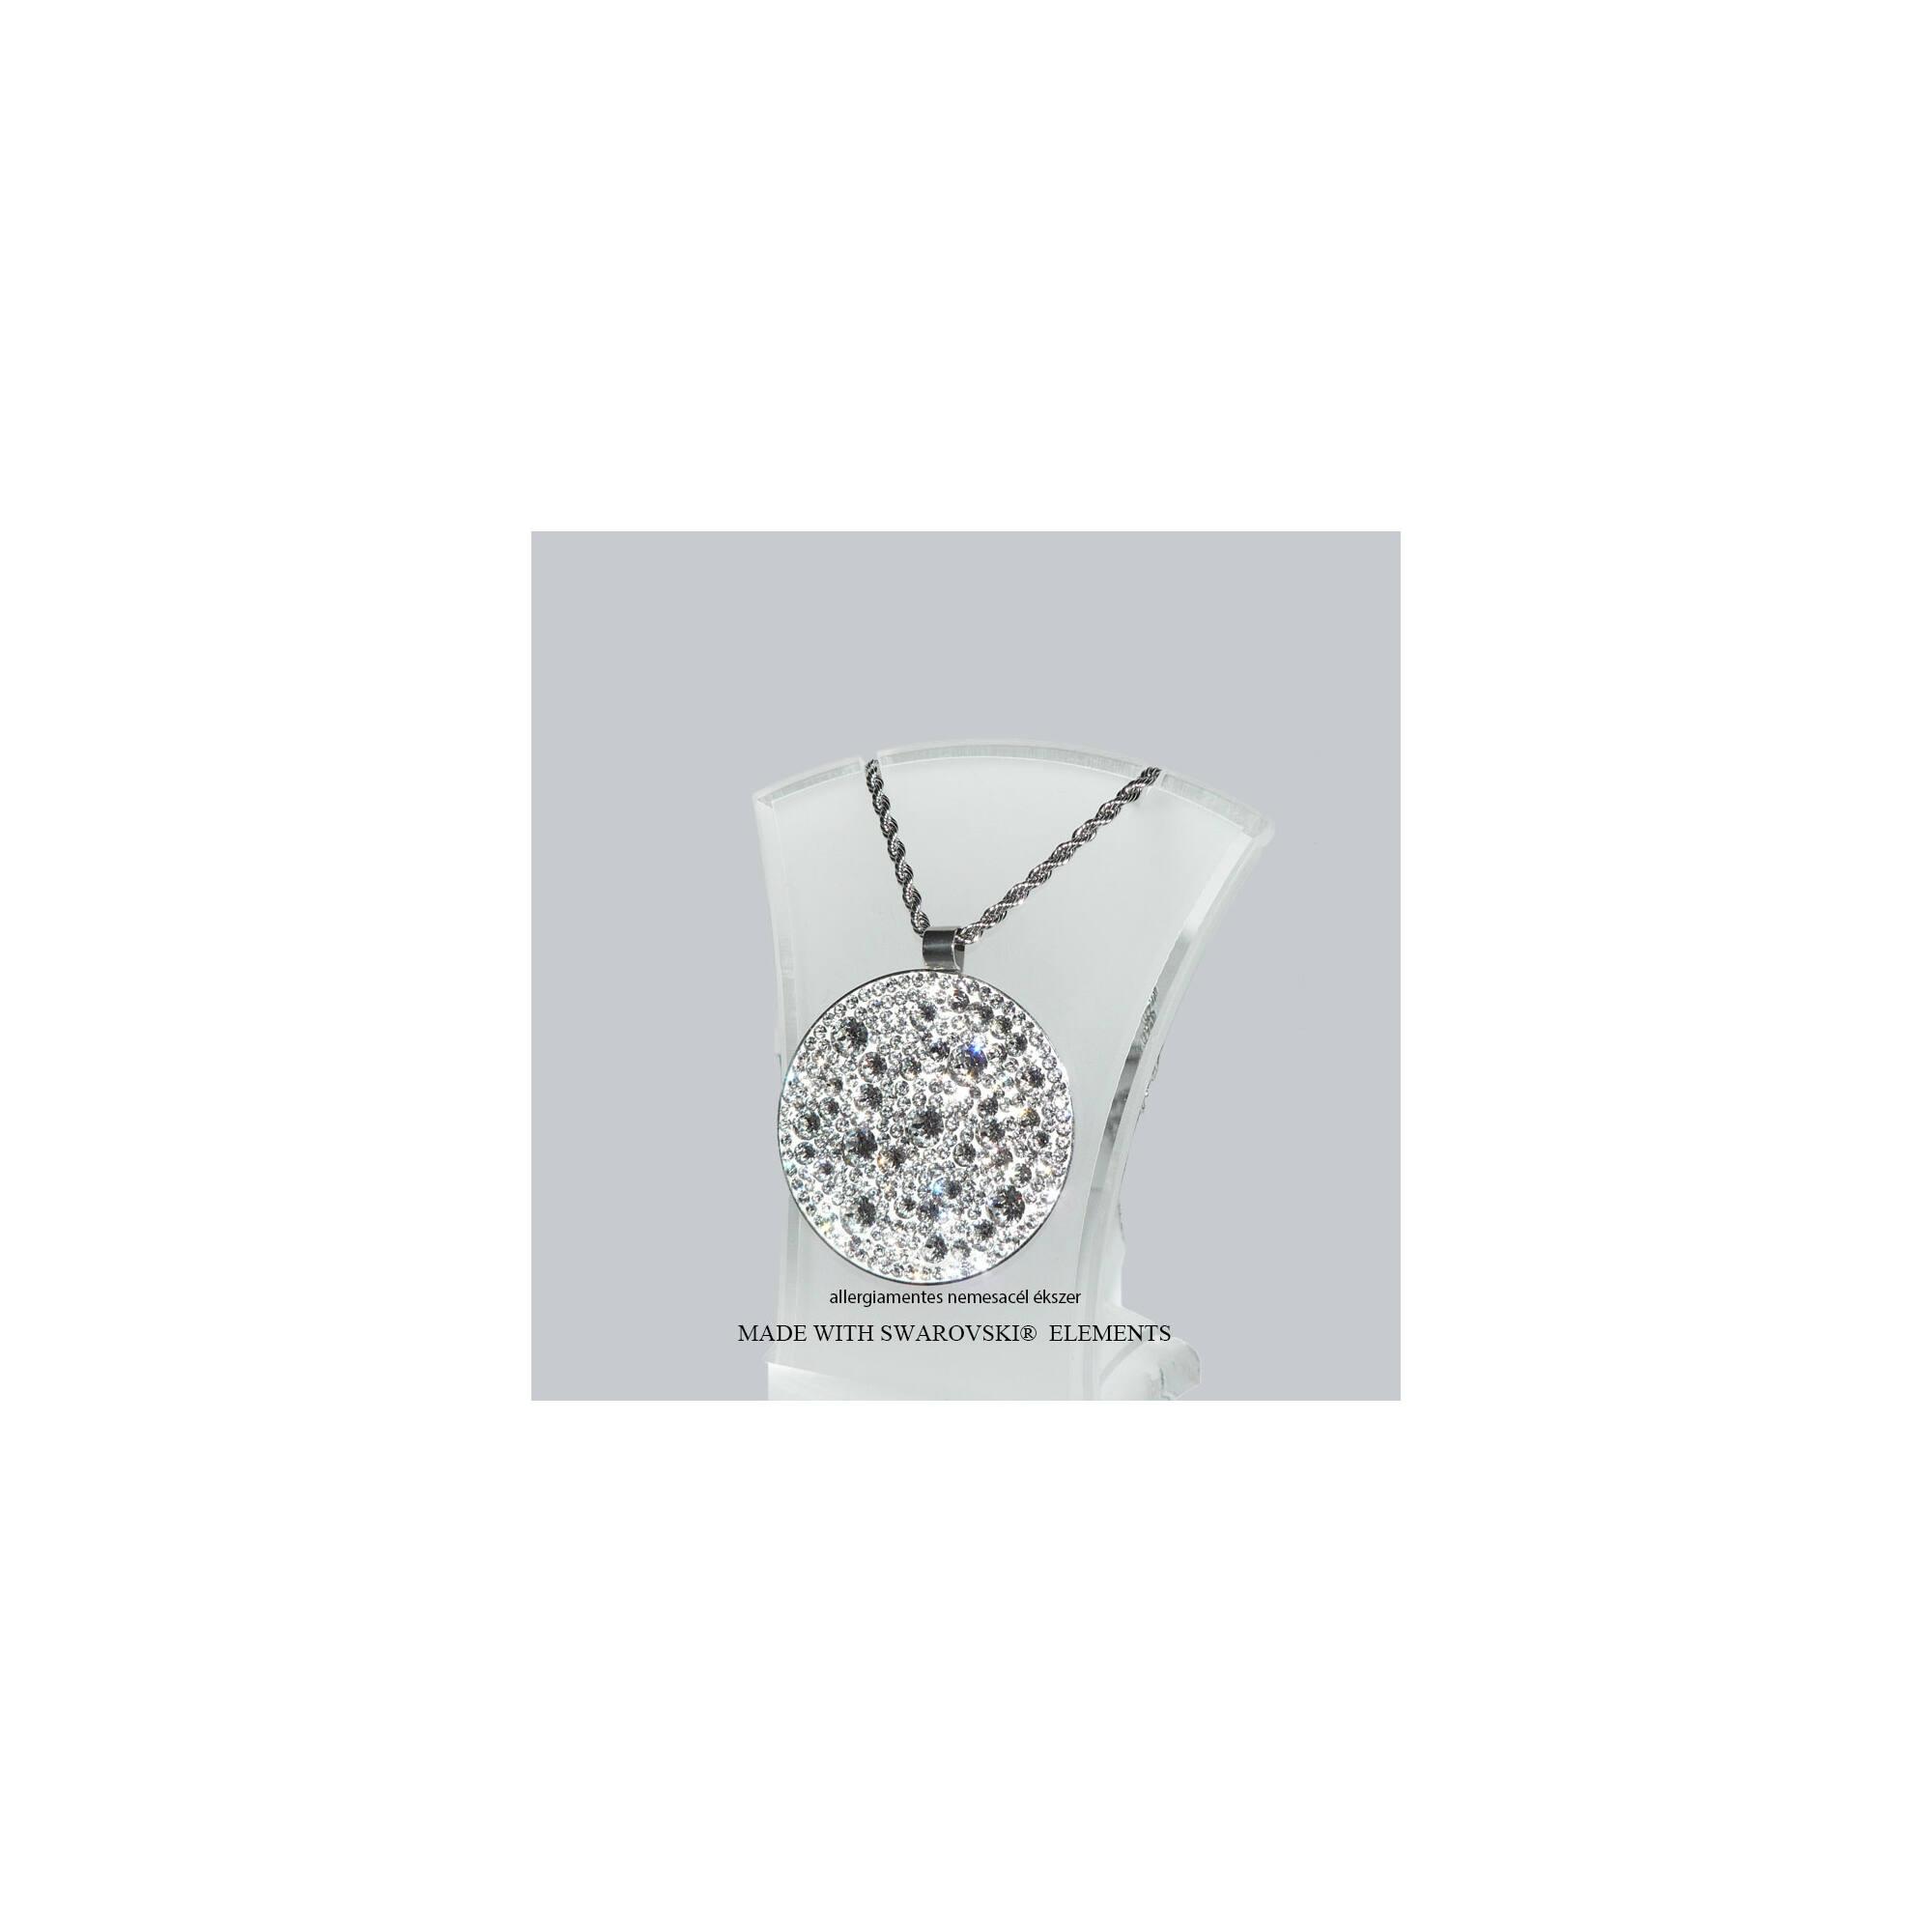 Kör alakú Swarovski medál nyaklánccal